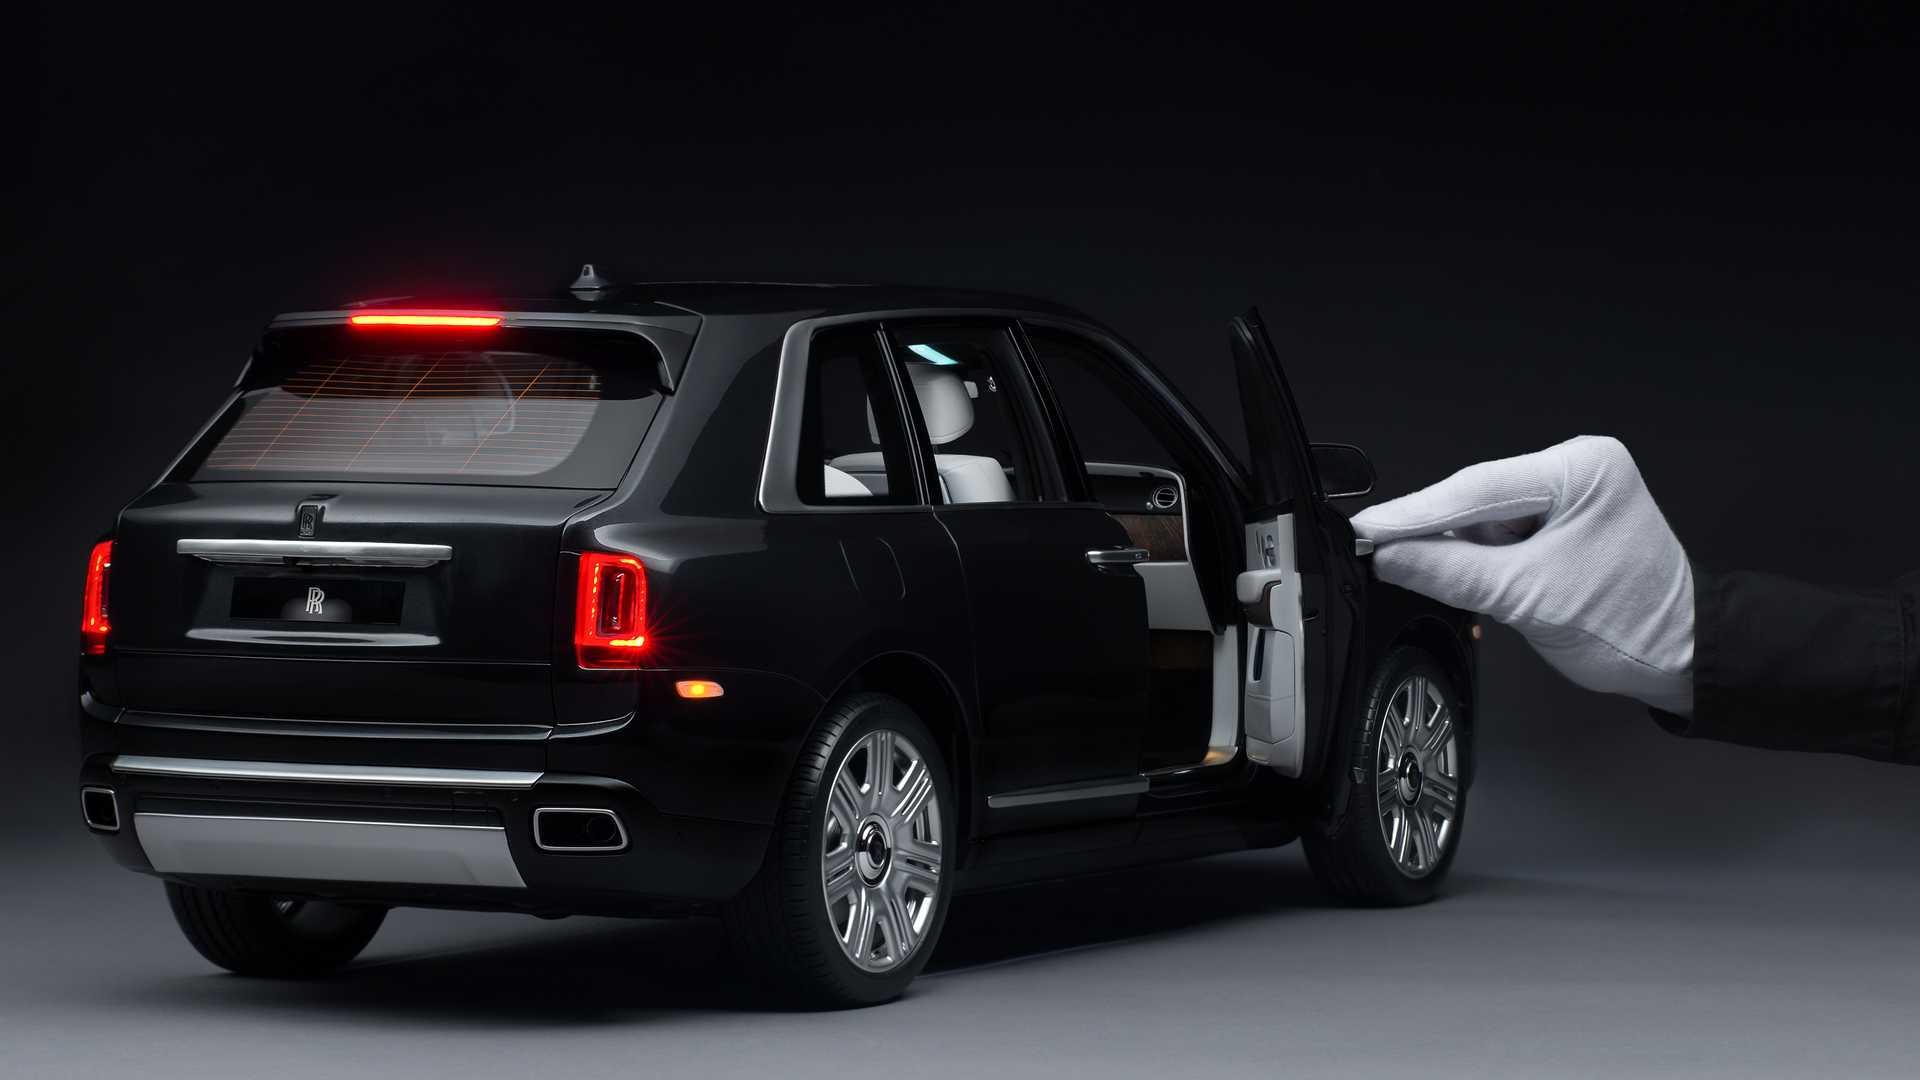 Ovaj Rolls-Royce Cullinan si možete priuštiti, ali se u njemu ne možete voziti